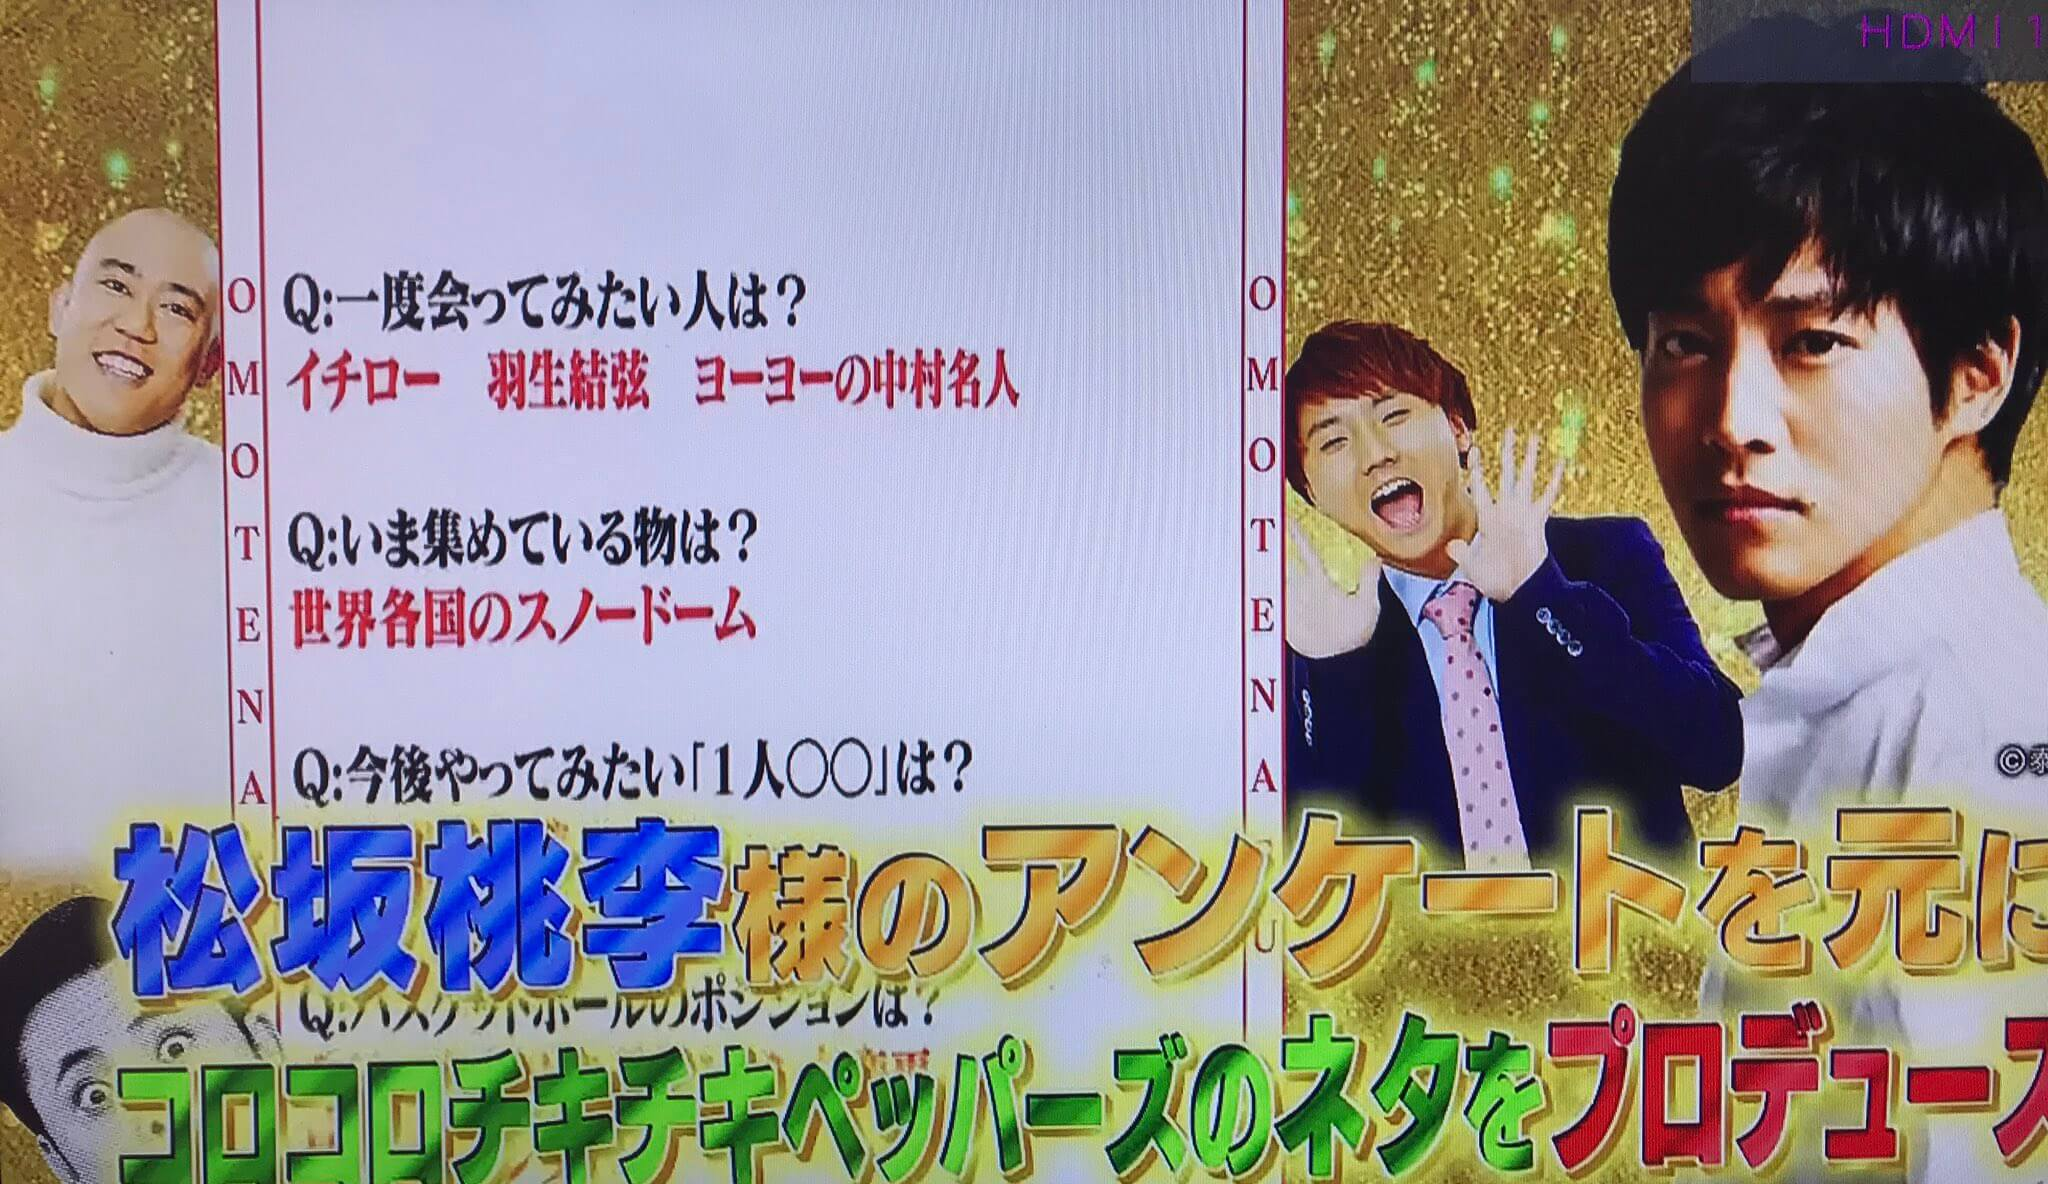 松坂桃李が一番会ってみたい人の中に羽生結弦の名前が!